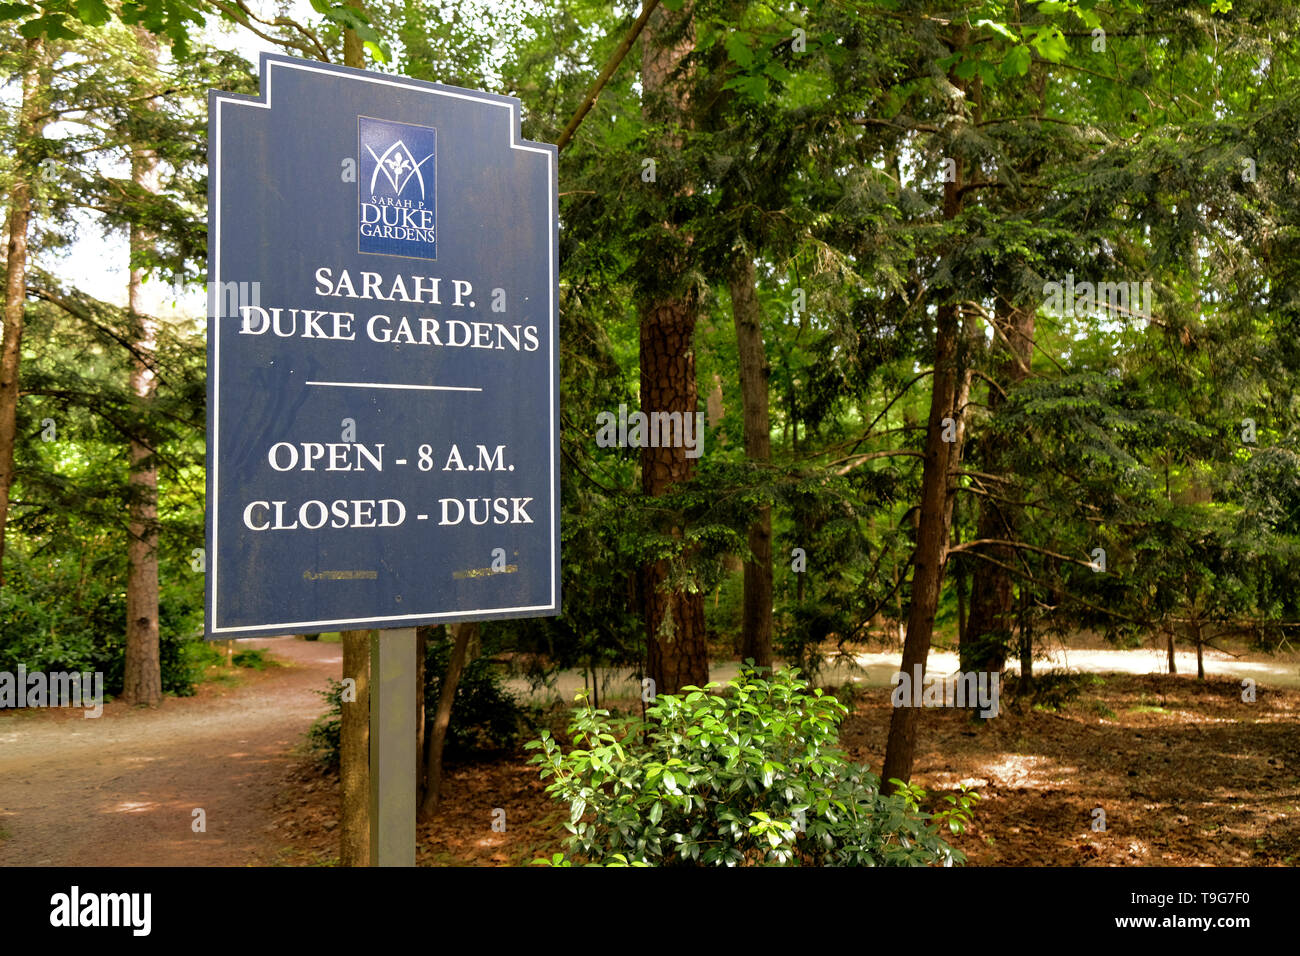 Signo de la Sarah P. Duke Gardens en el campus de la Universidad de Duke en Durham, Carolina del Norte, EE.UU. Foto de stock